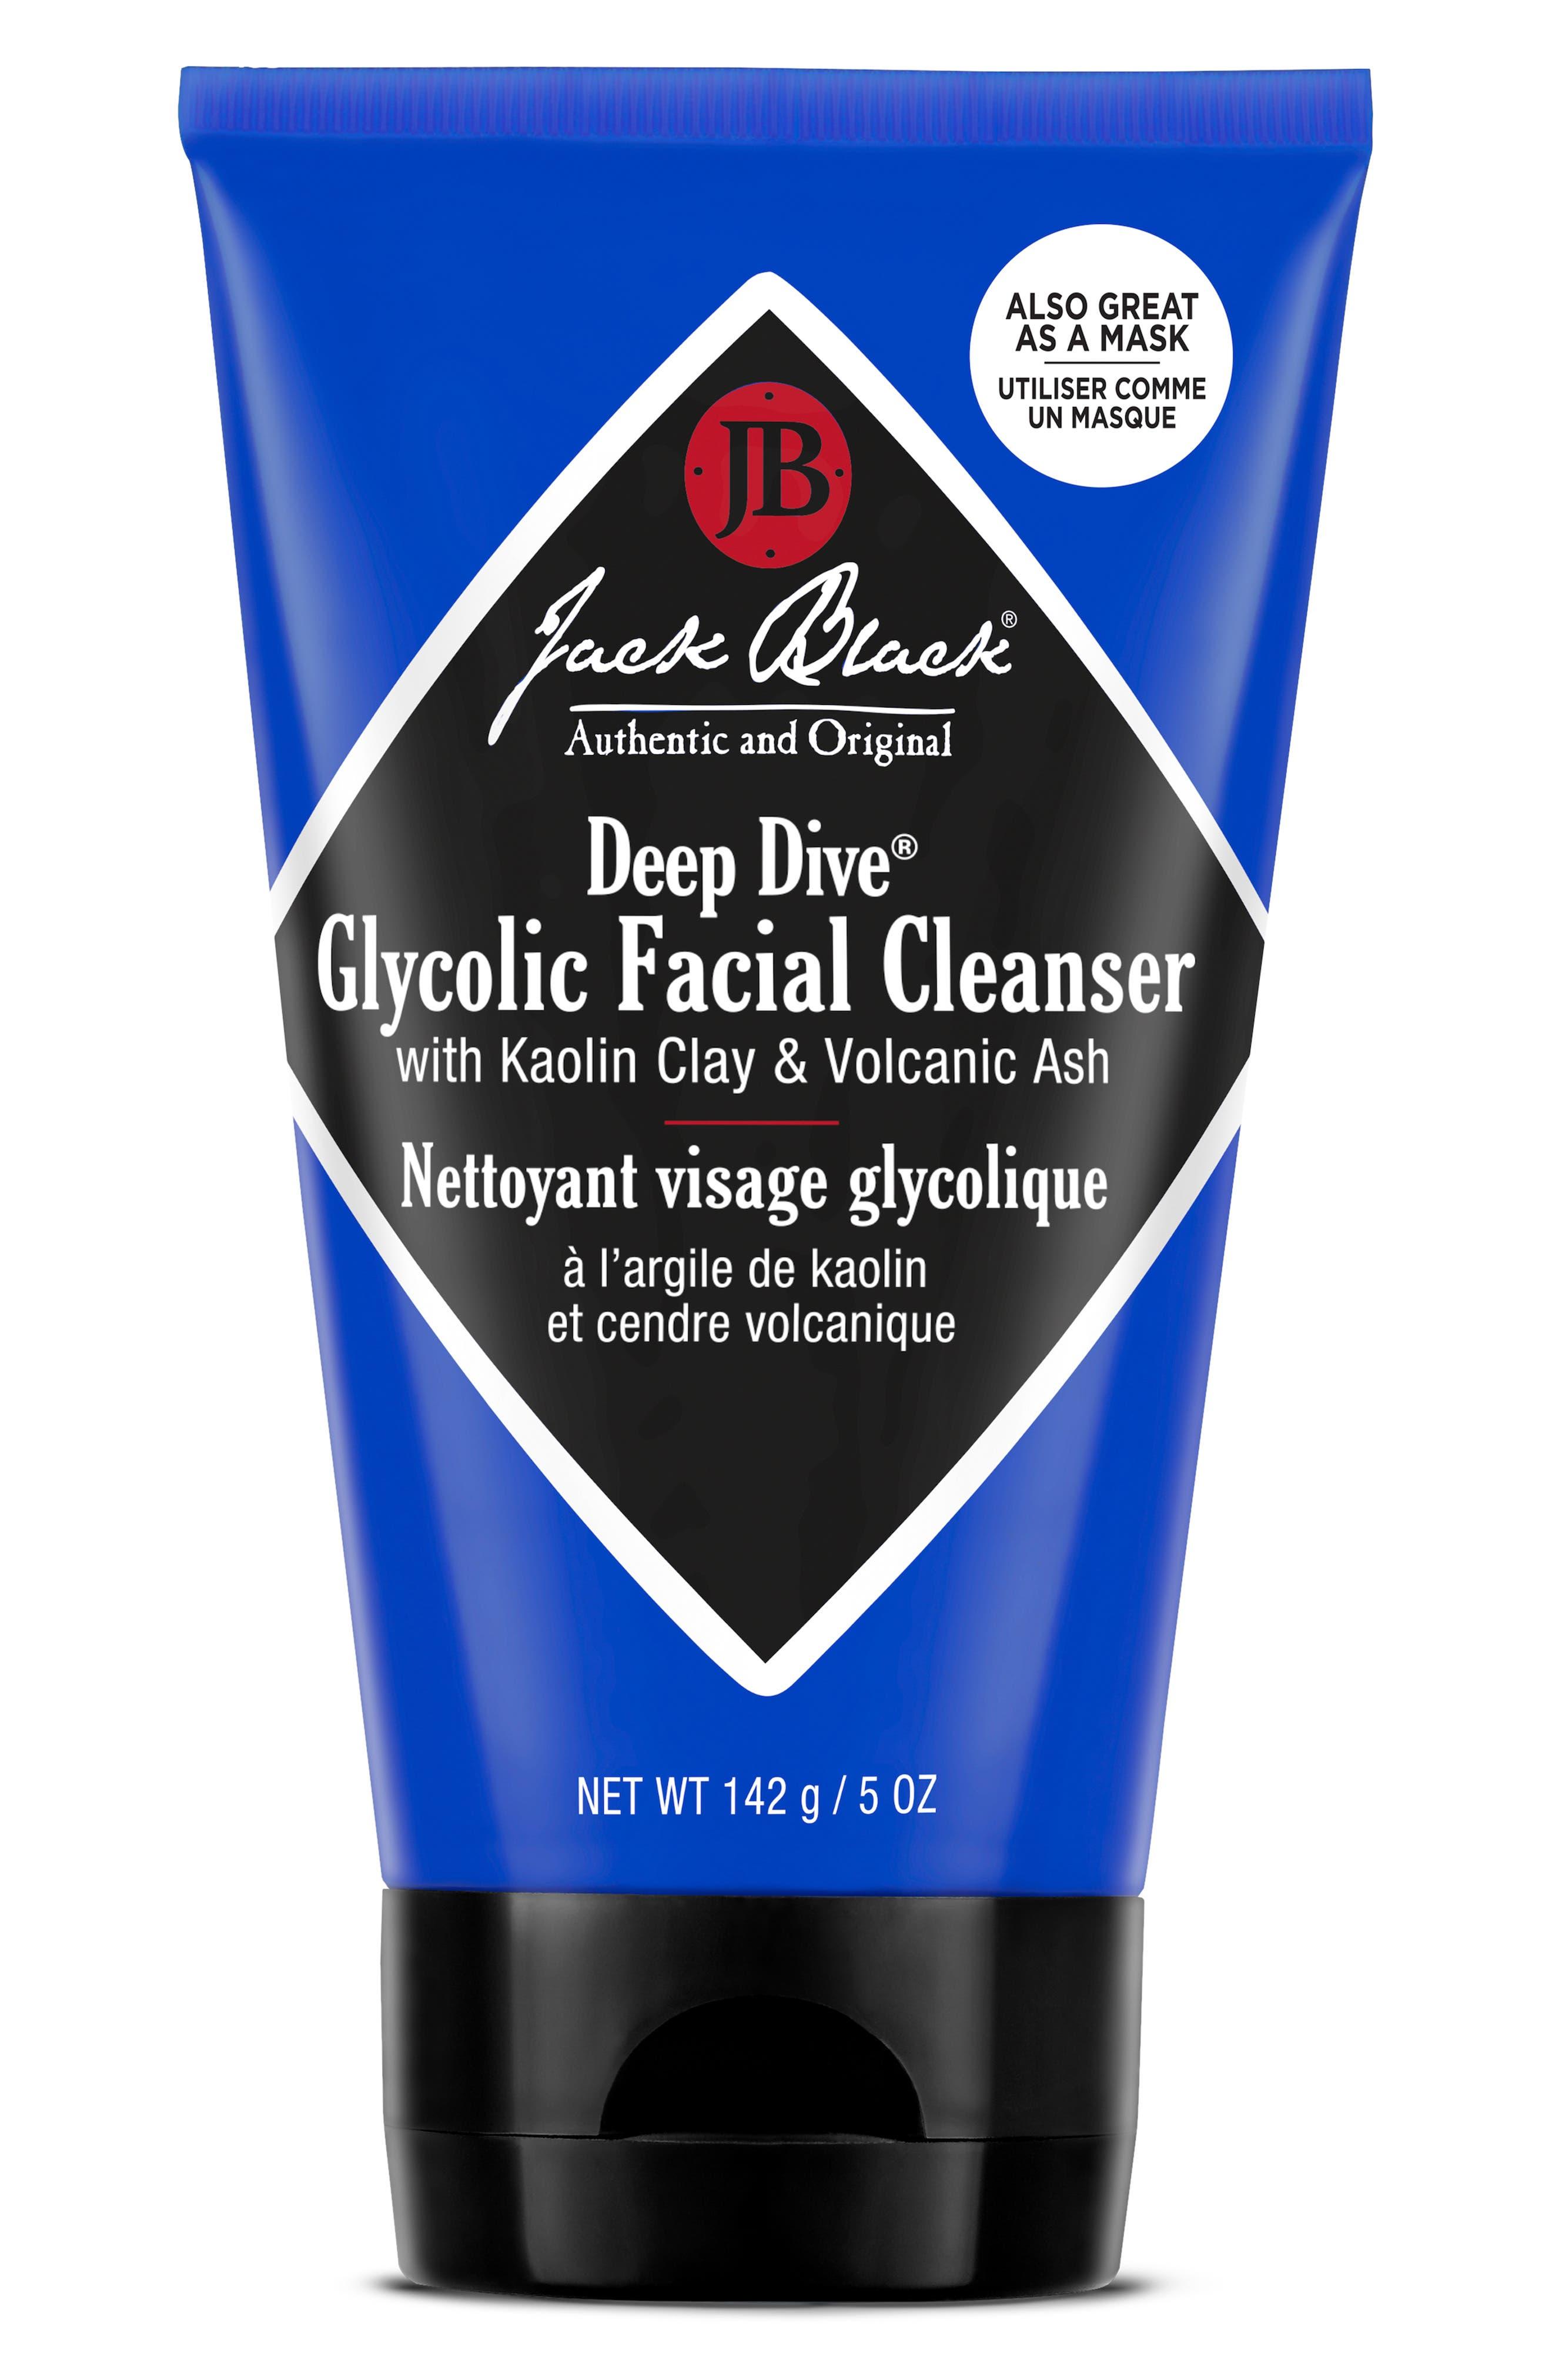 Deep Dive(TM) Glycolic Facial Cleanser